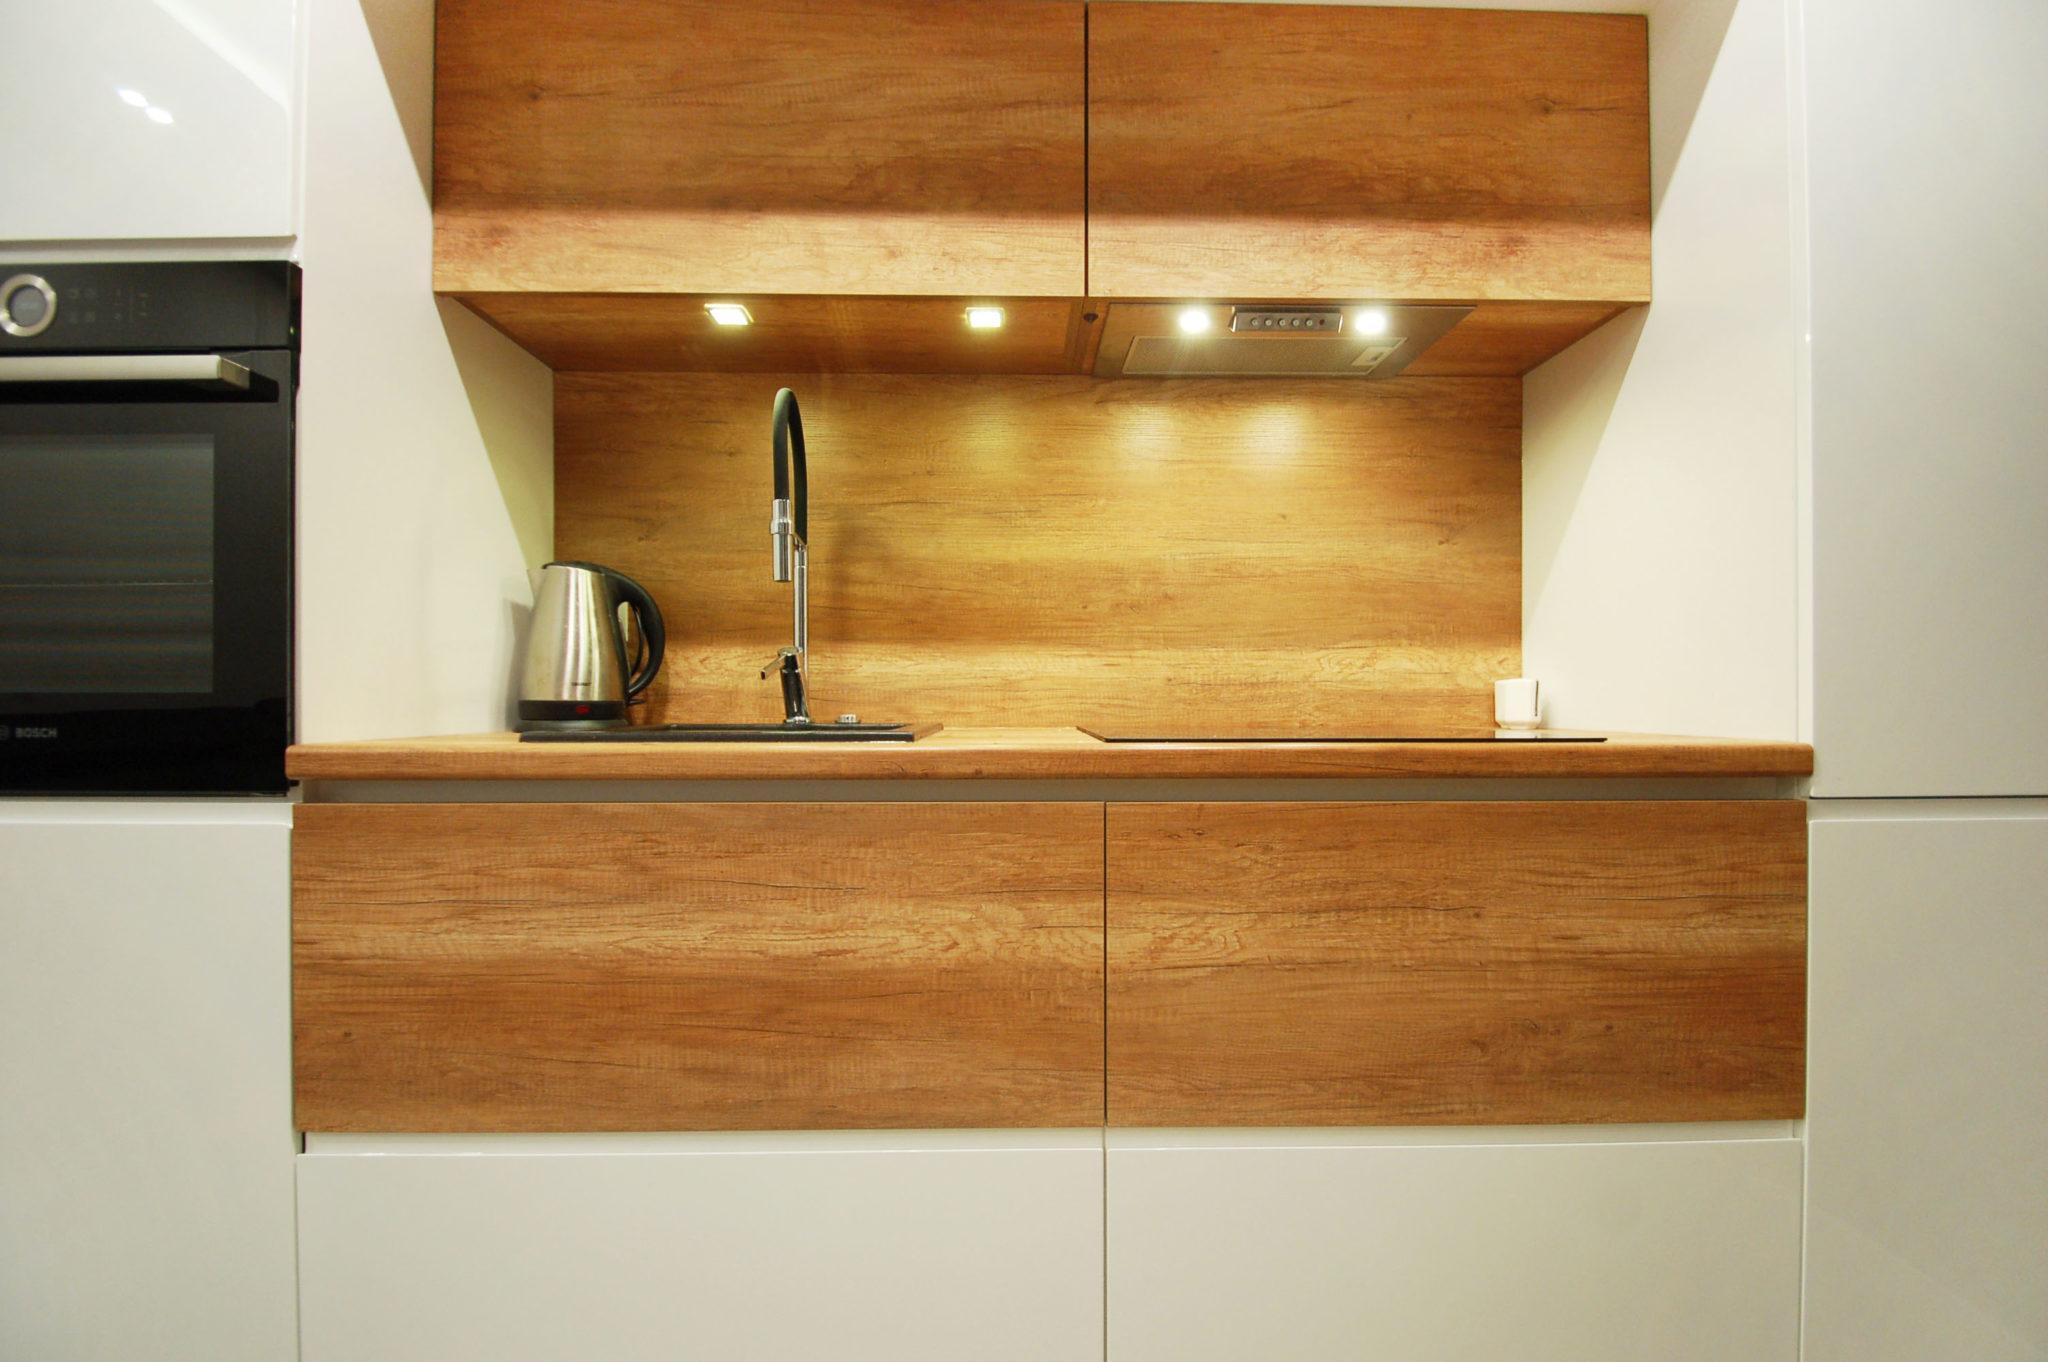 kuchnia nowoczesna z elementami drewna (2)